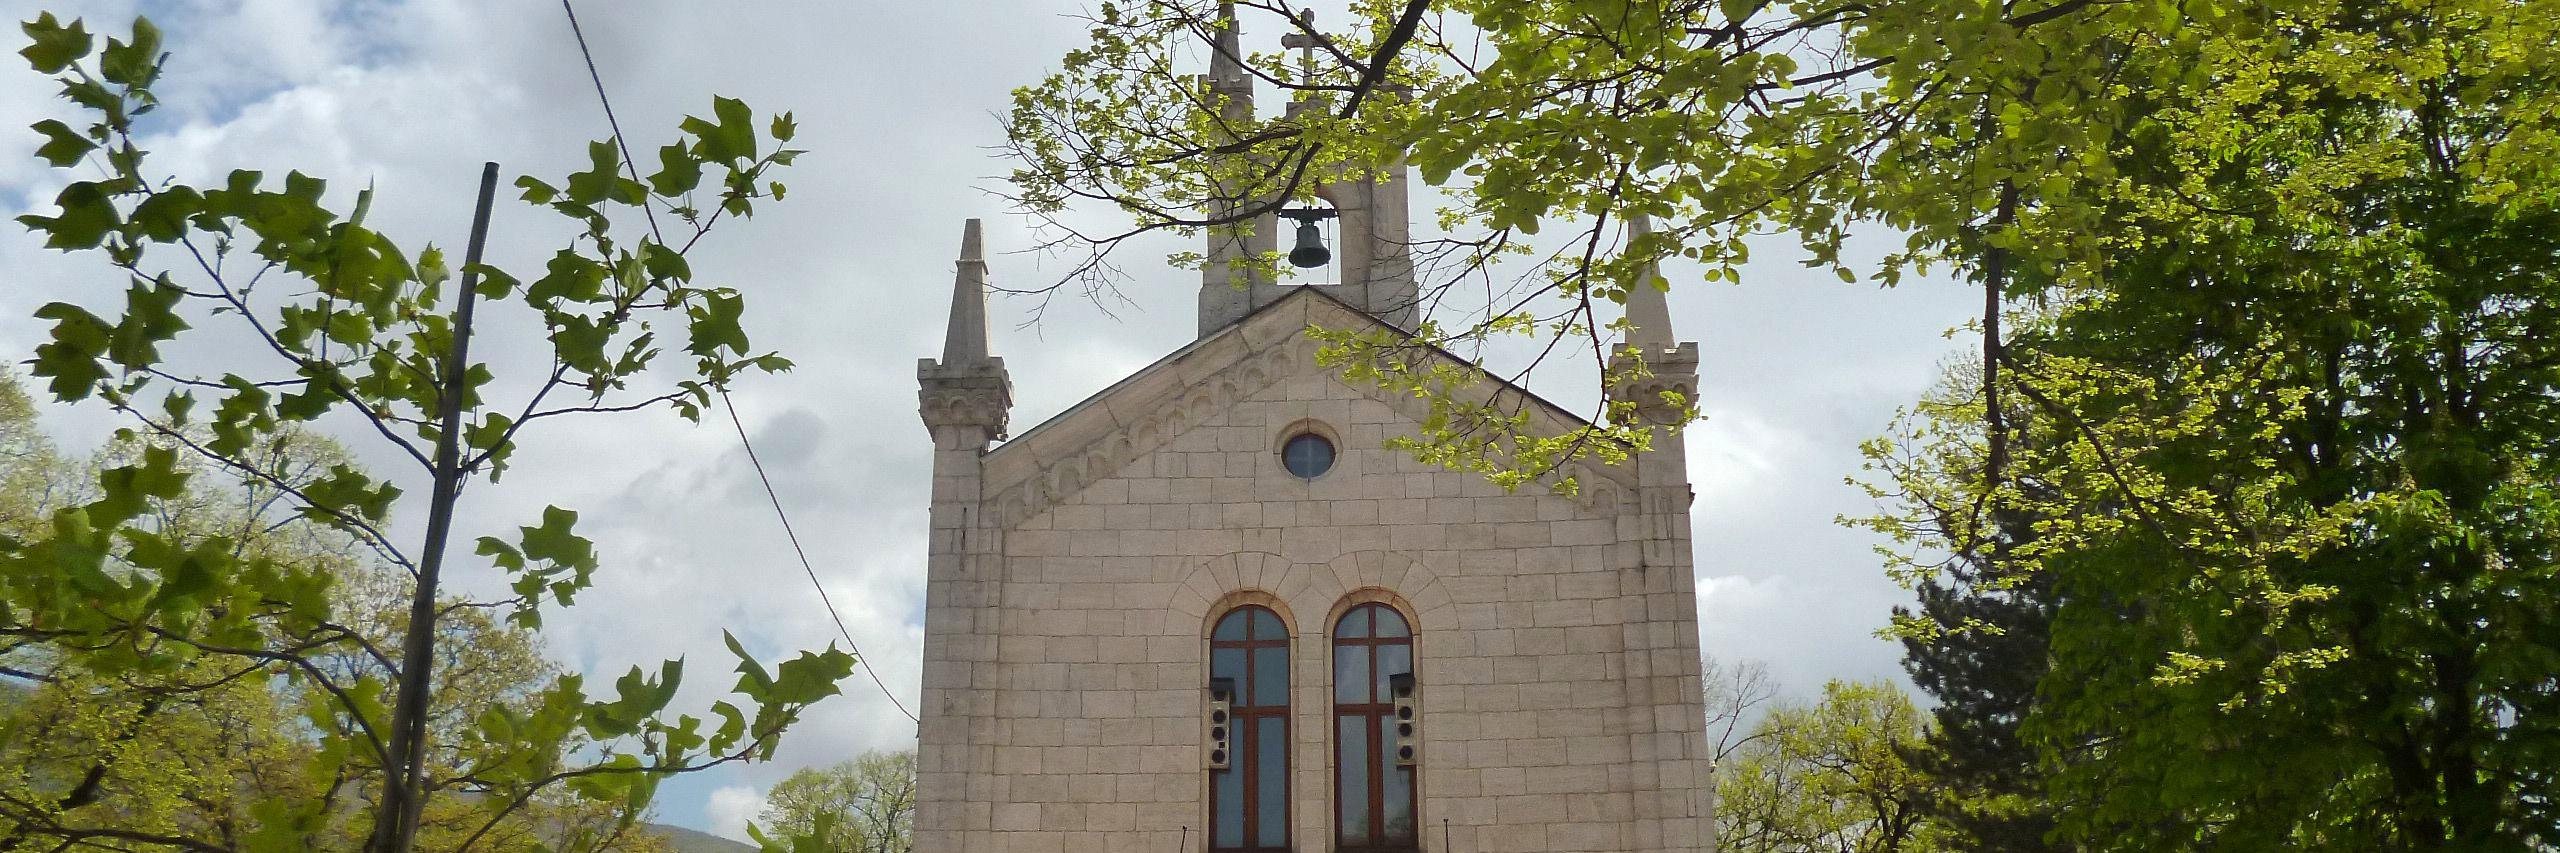 Церковь св. Саввы в Билече. Фото: Елена Арсениевич, CC BY-SA 3.0